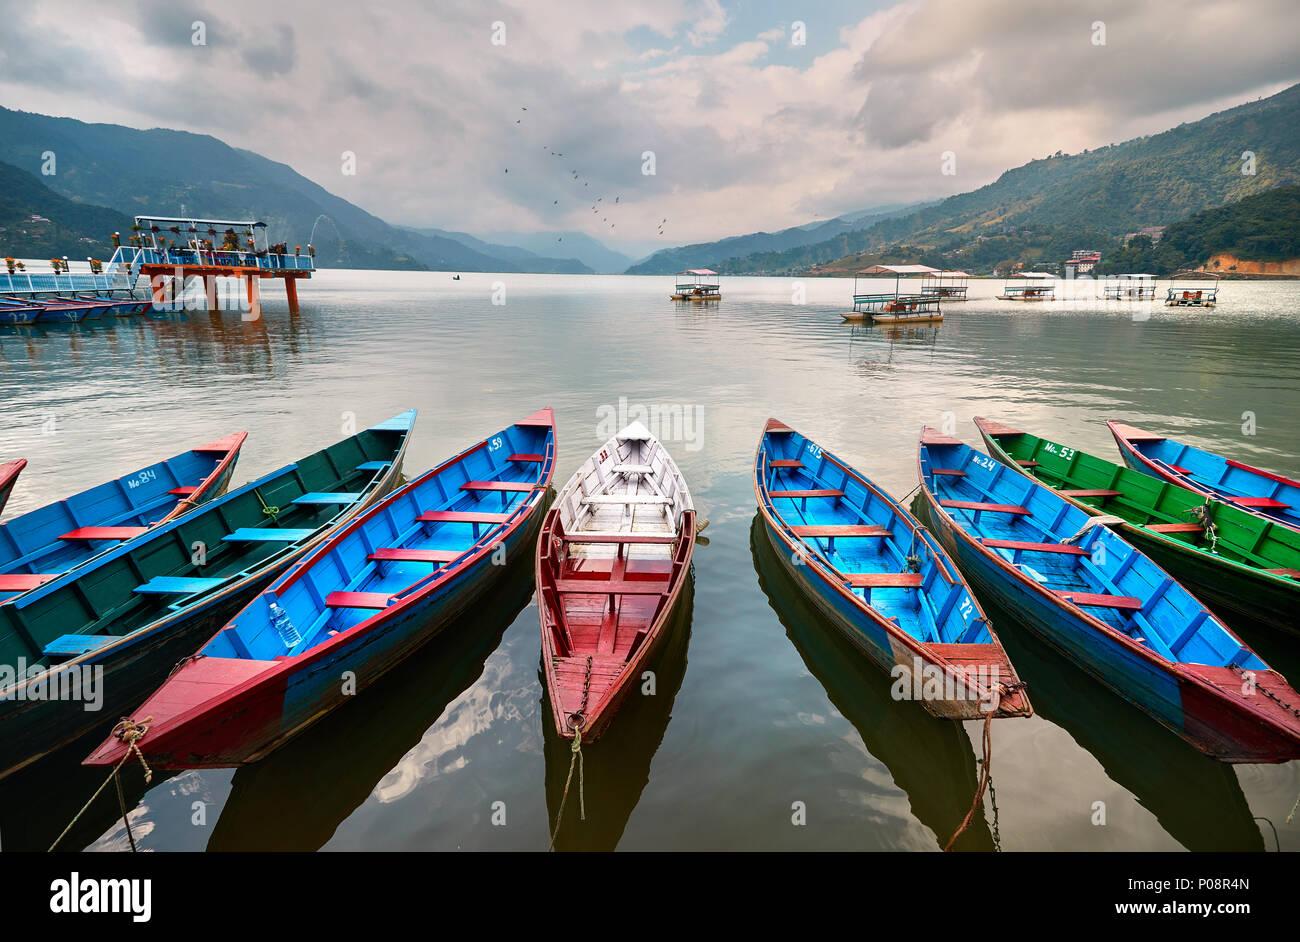 Barcos de colores en la orilla del lago Phewa en Pokhara, Nepal. Imagen De Stock